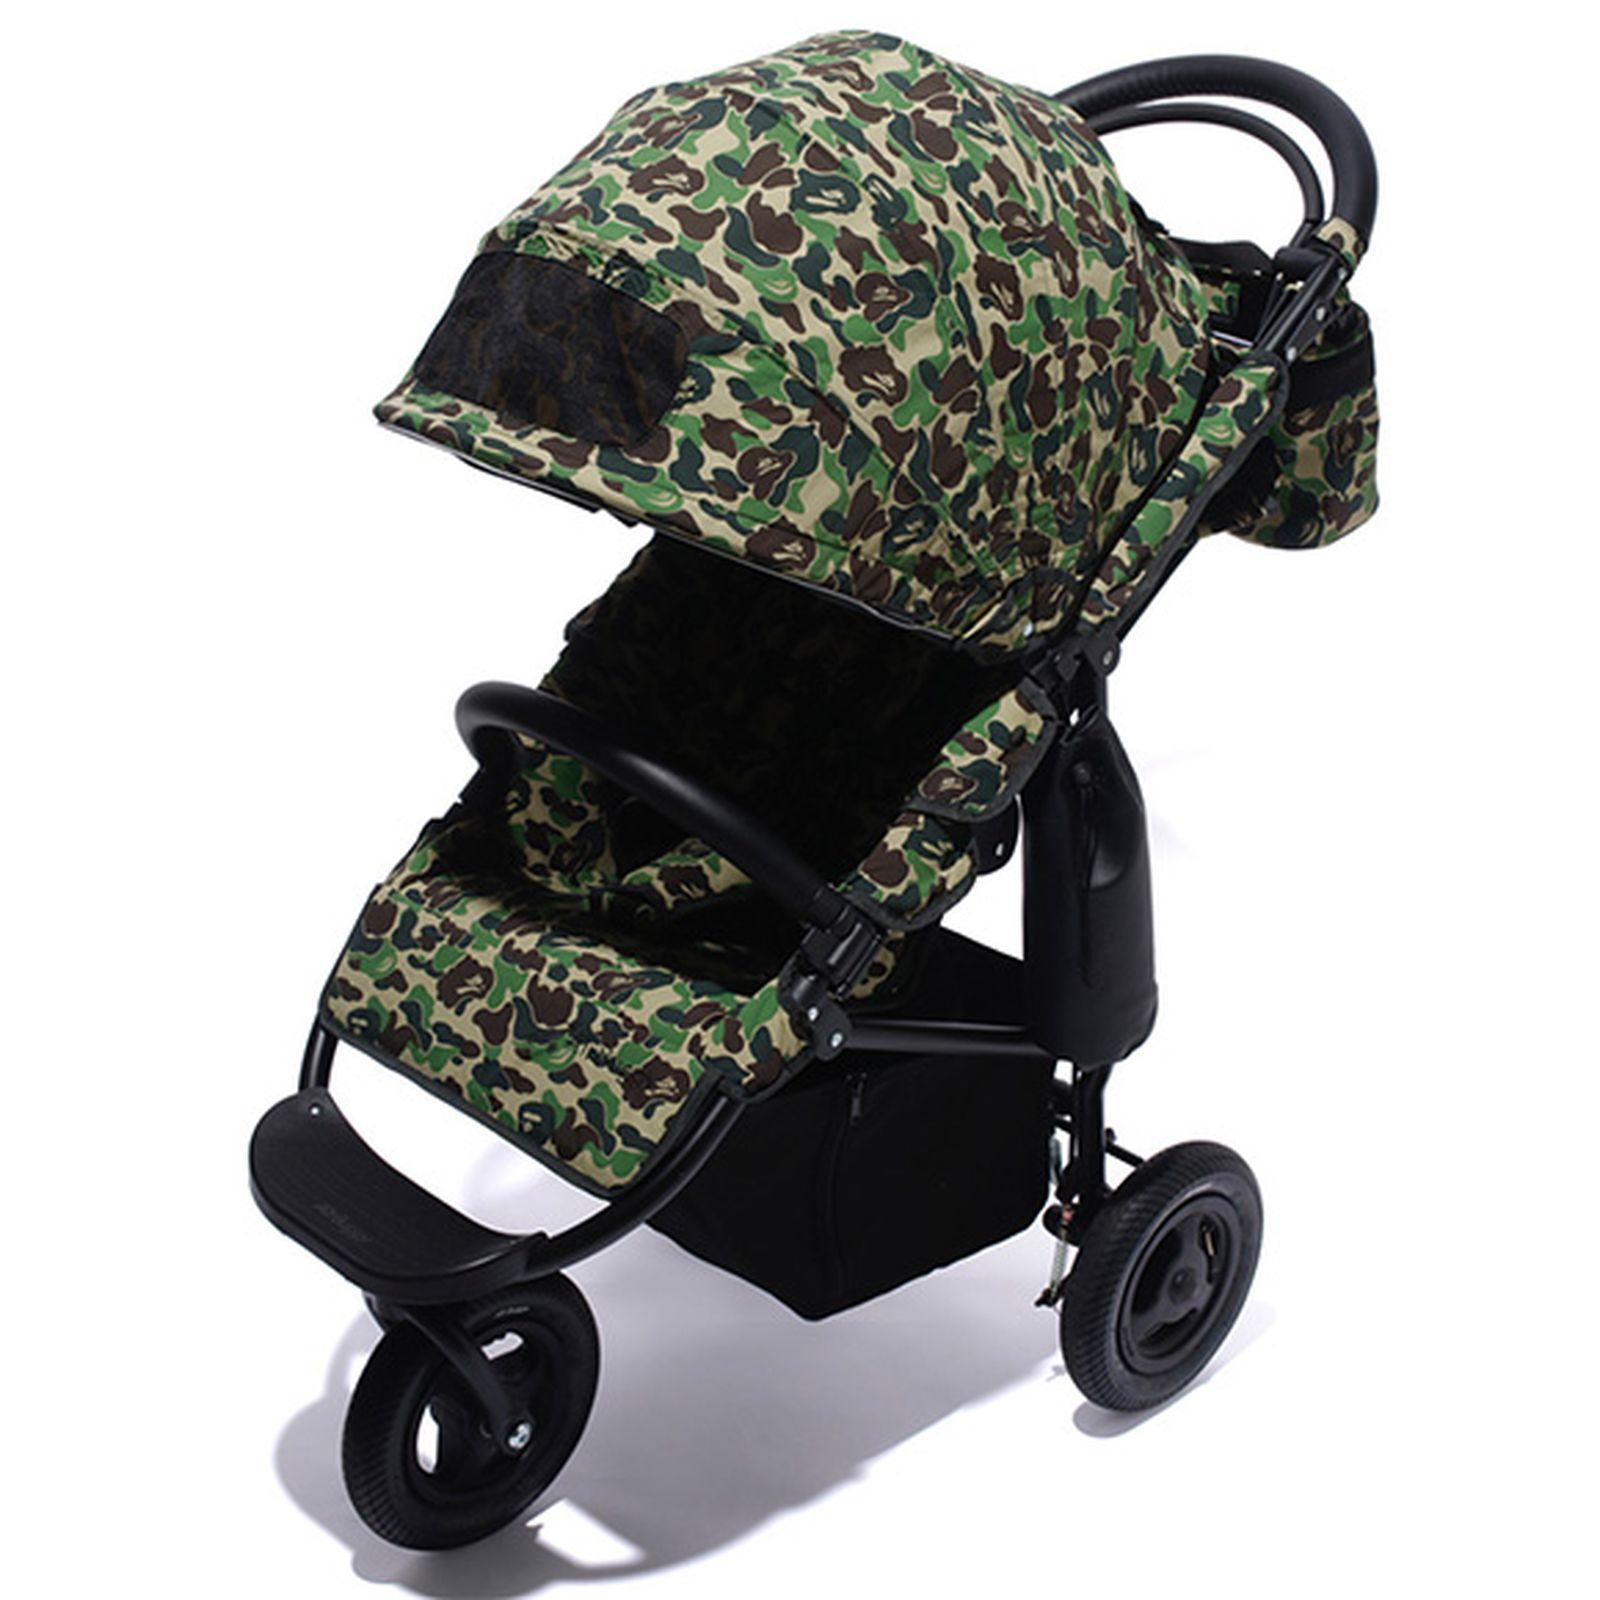 bape-baby-stroller-01